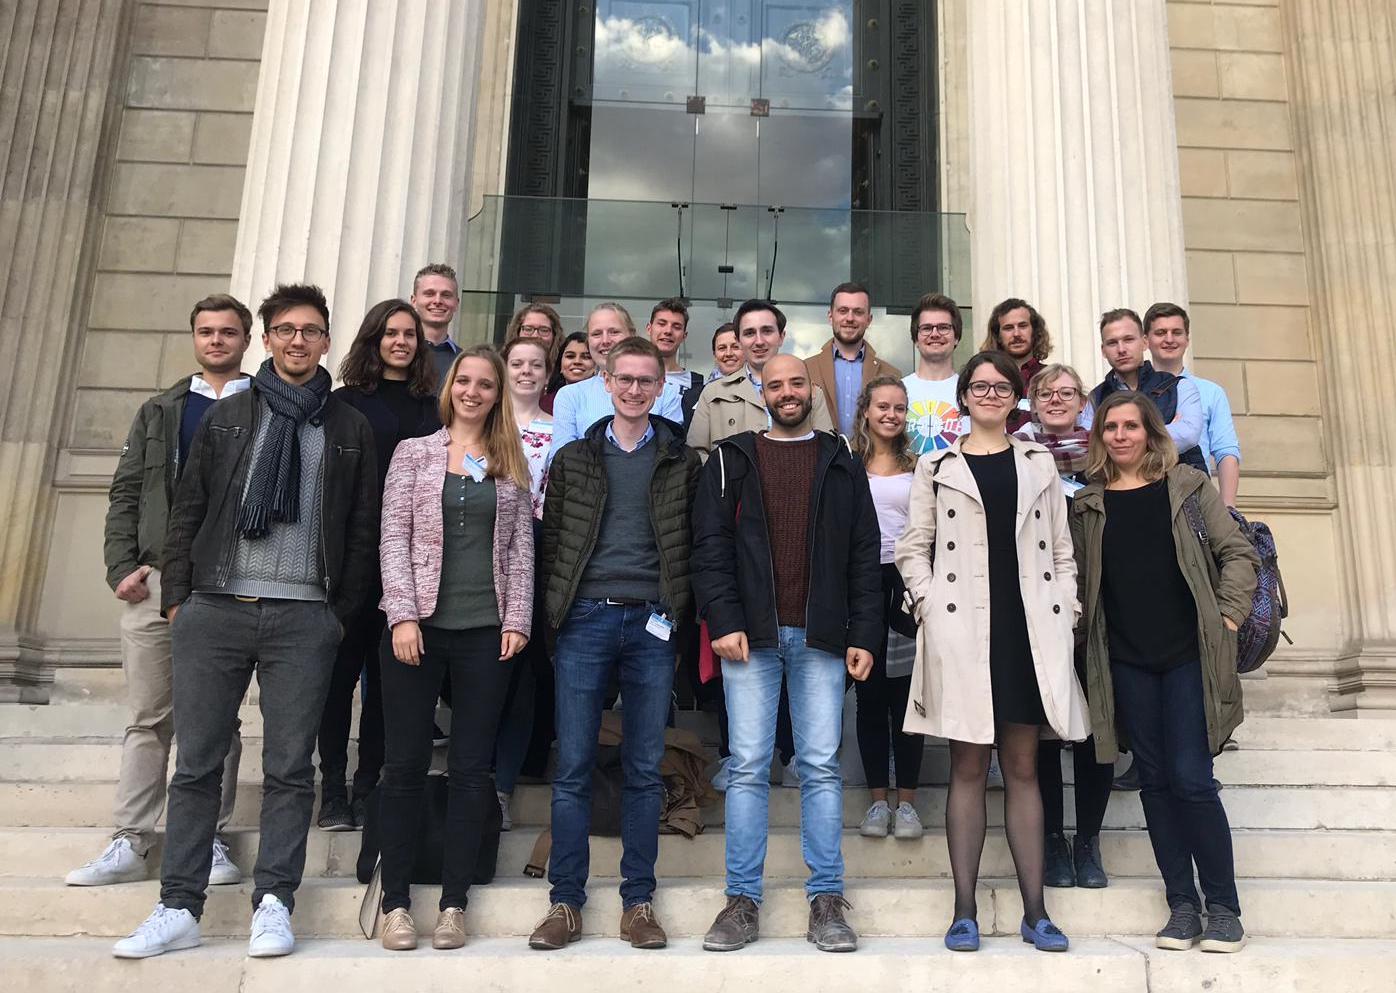 Gruppenfoto vor der Französischen Nationalversammlung.